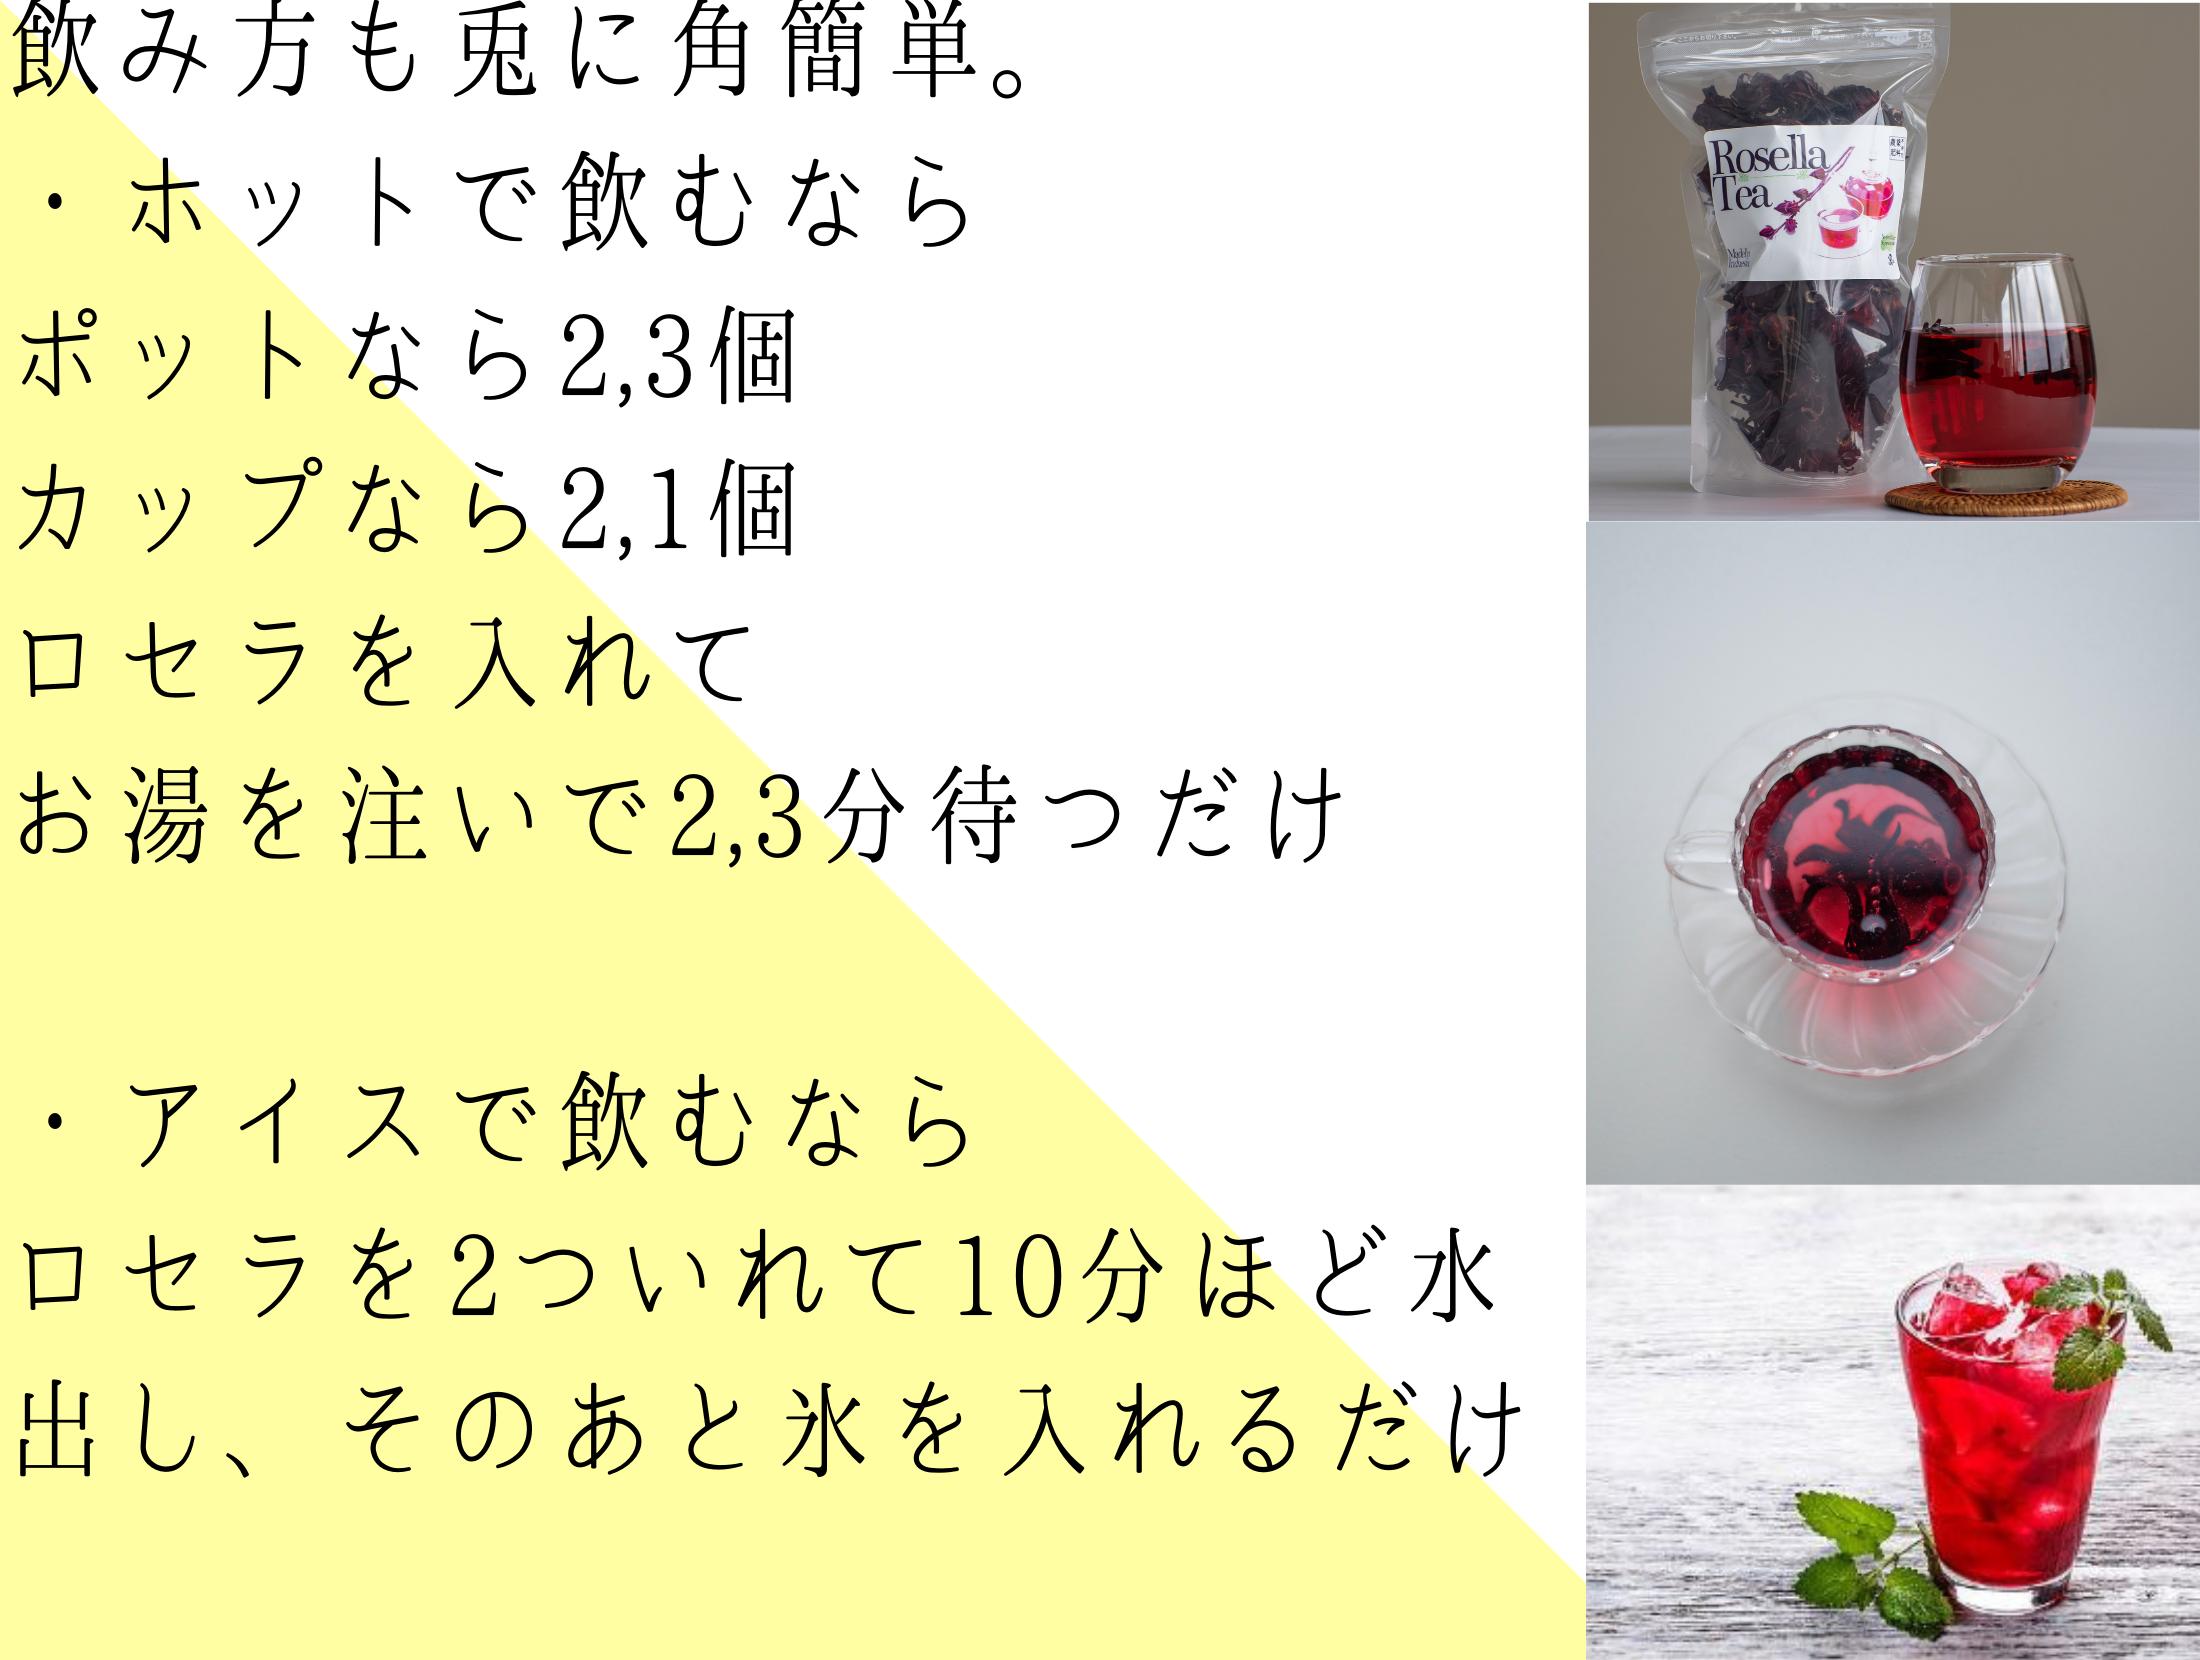 ロセラティーの紹介